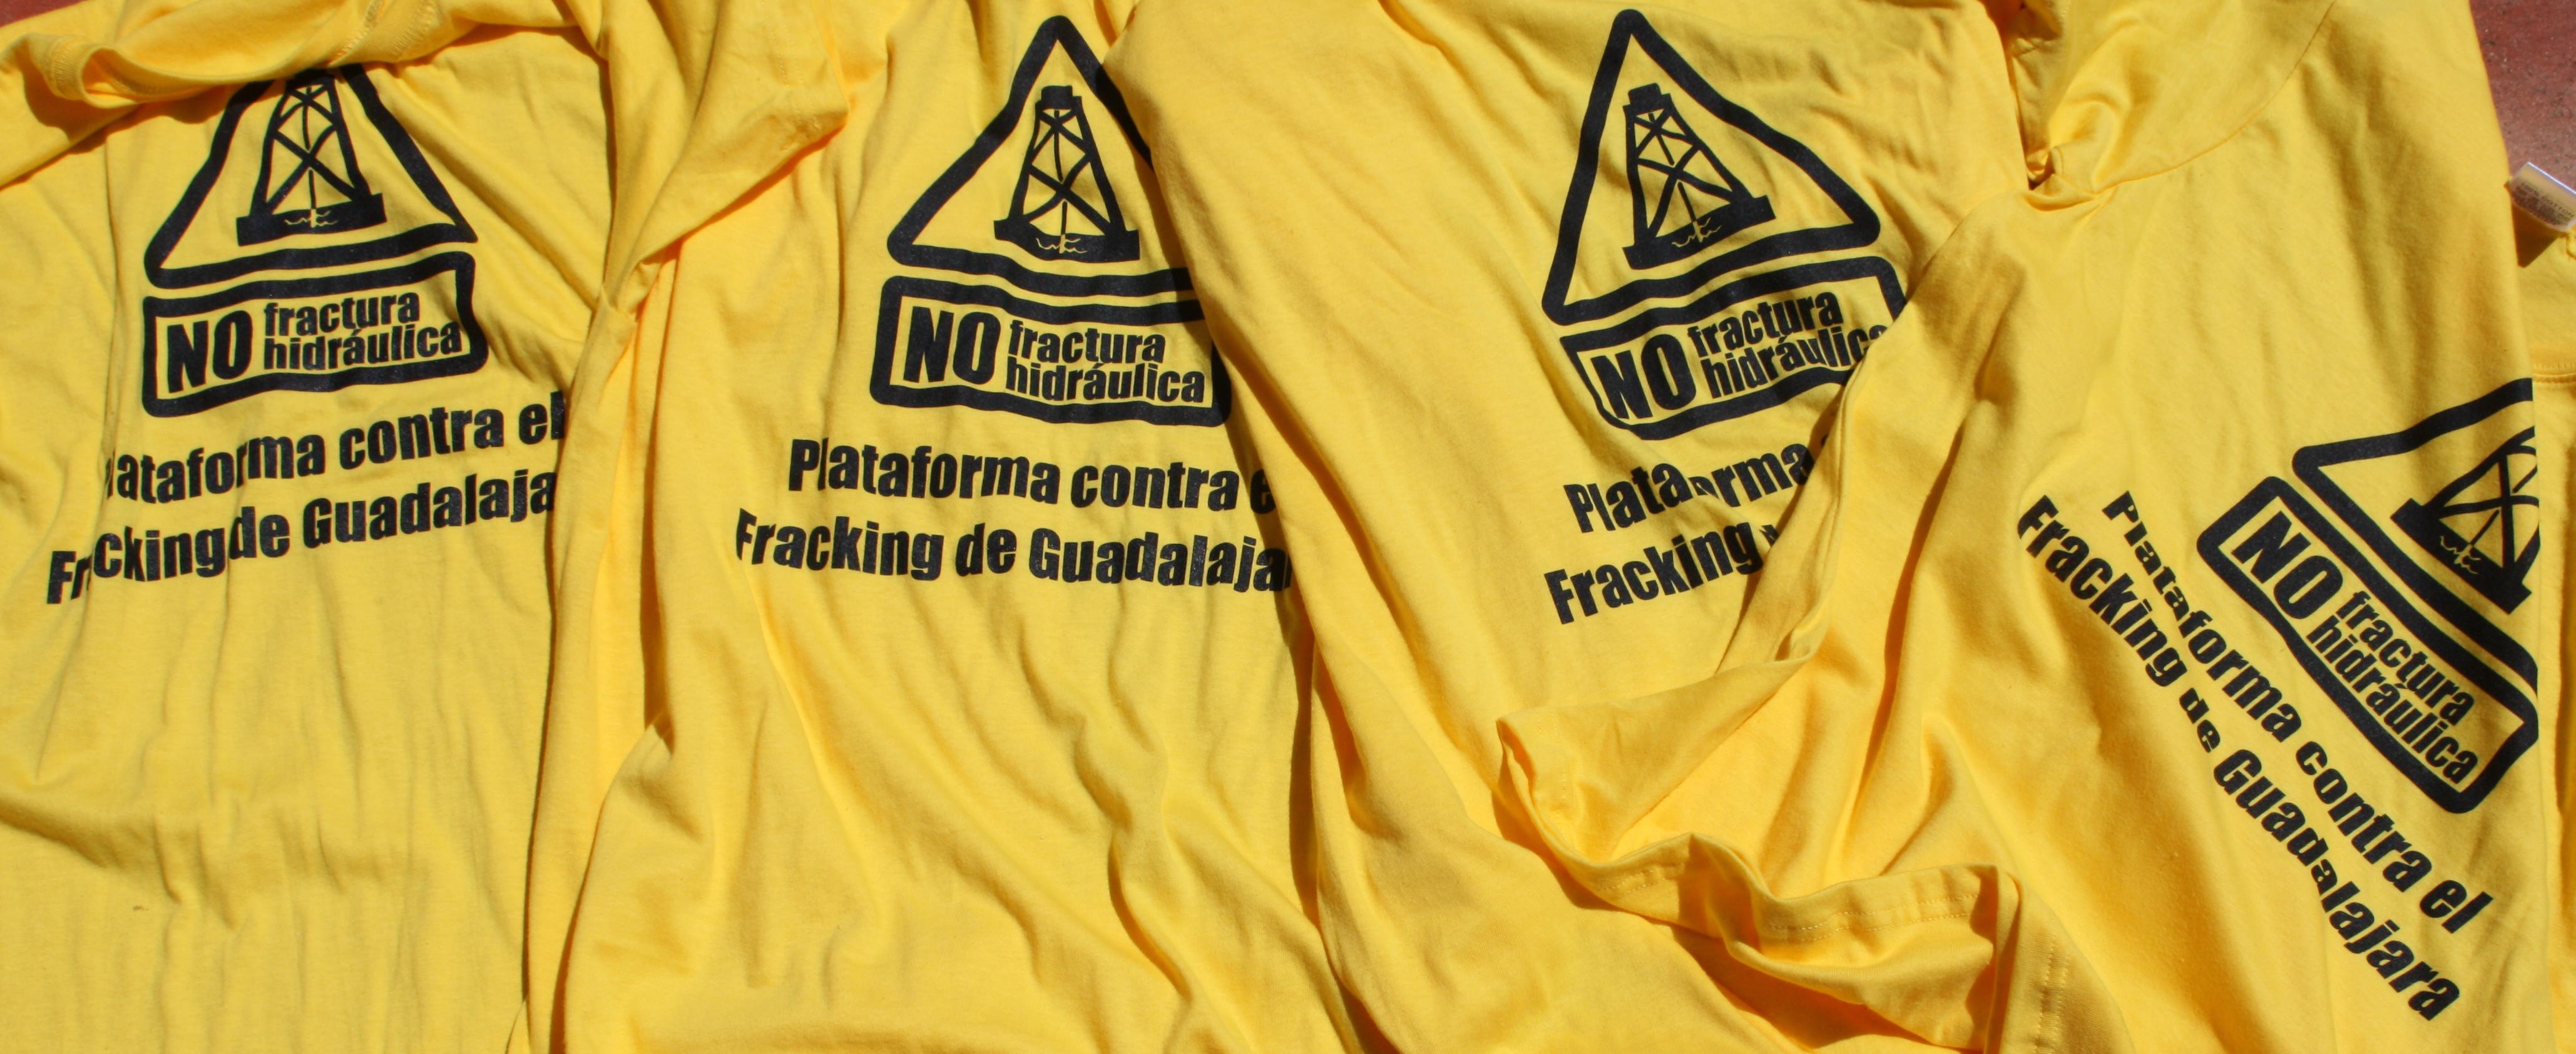 """Camisetas amarillas con el logo y la inscripción """"Plataforma contra el fracking en Guadalajara"""""""